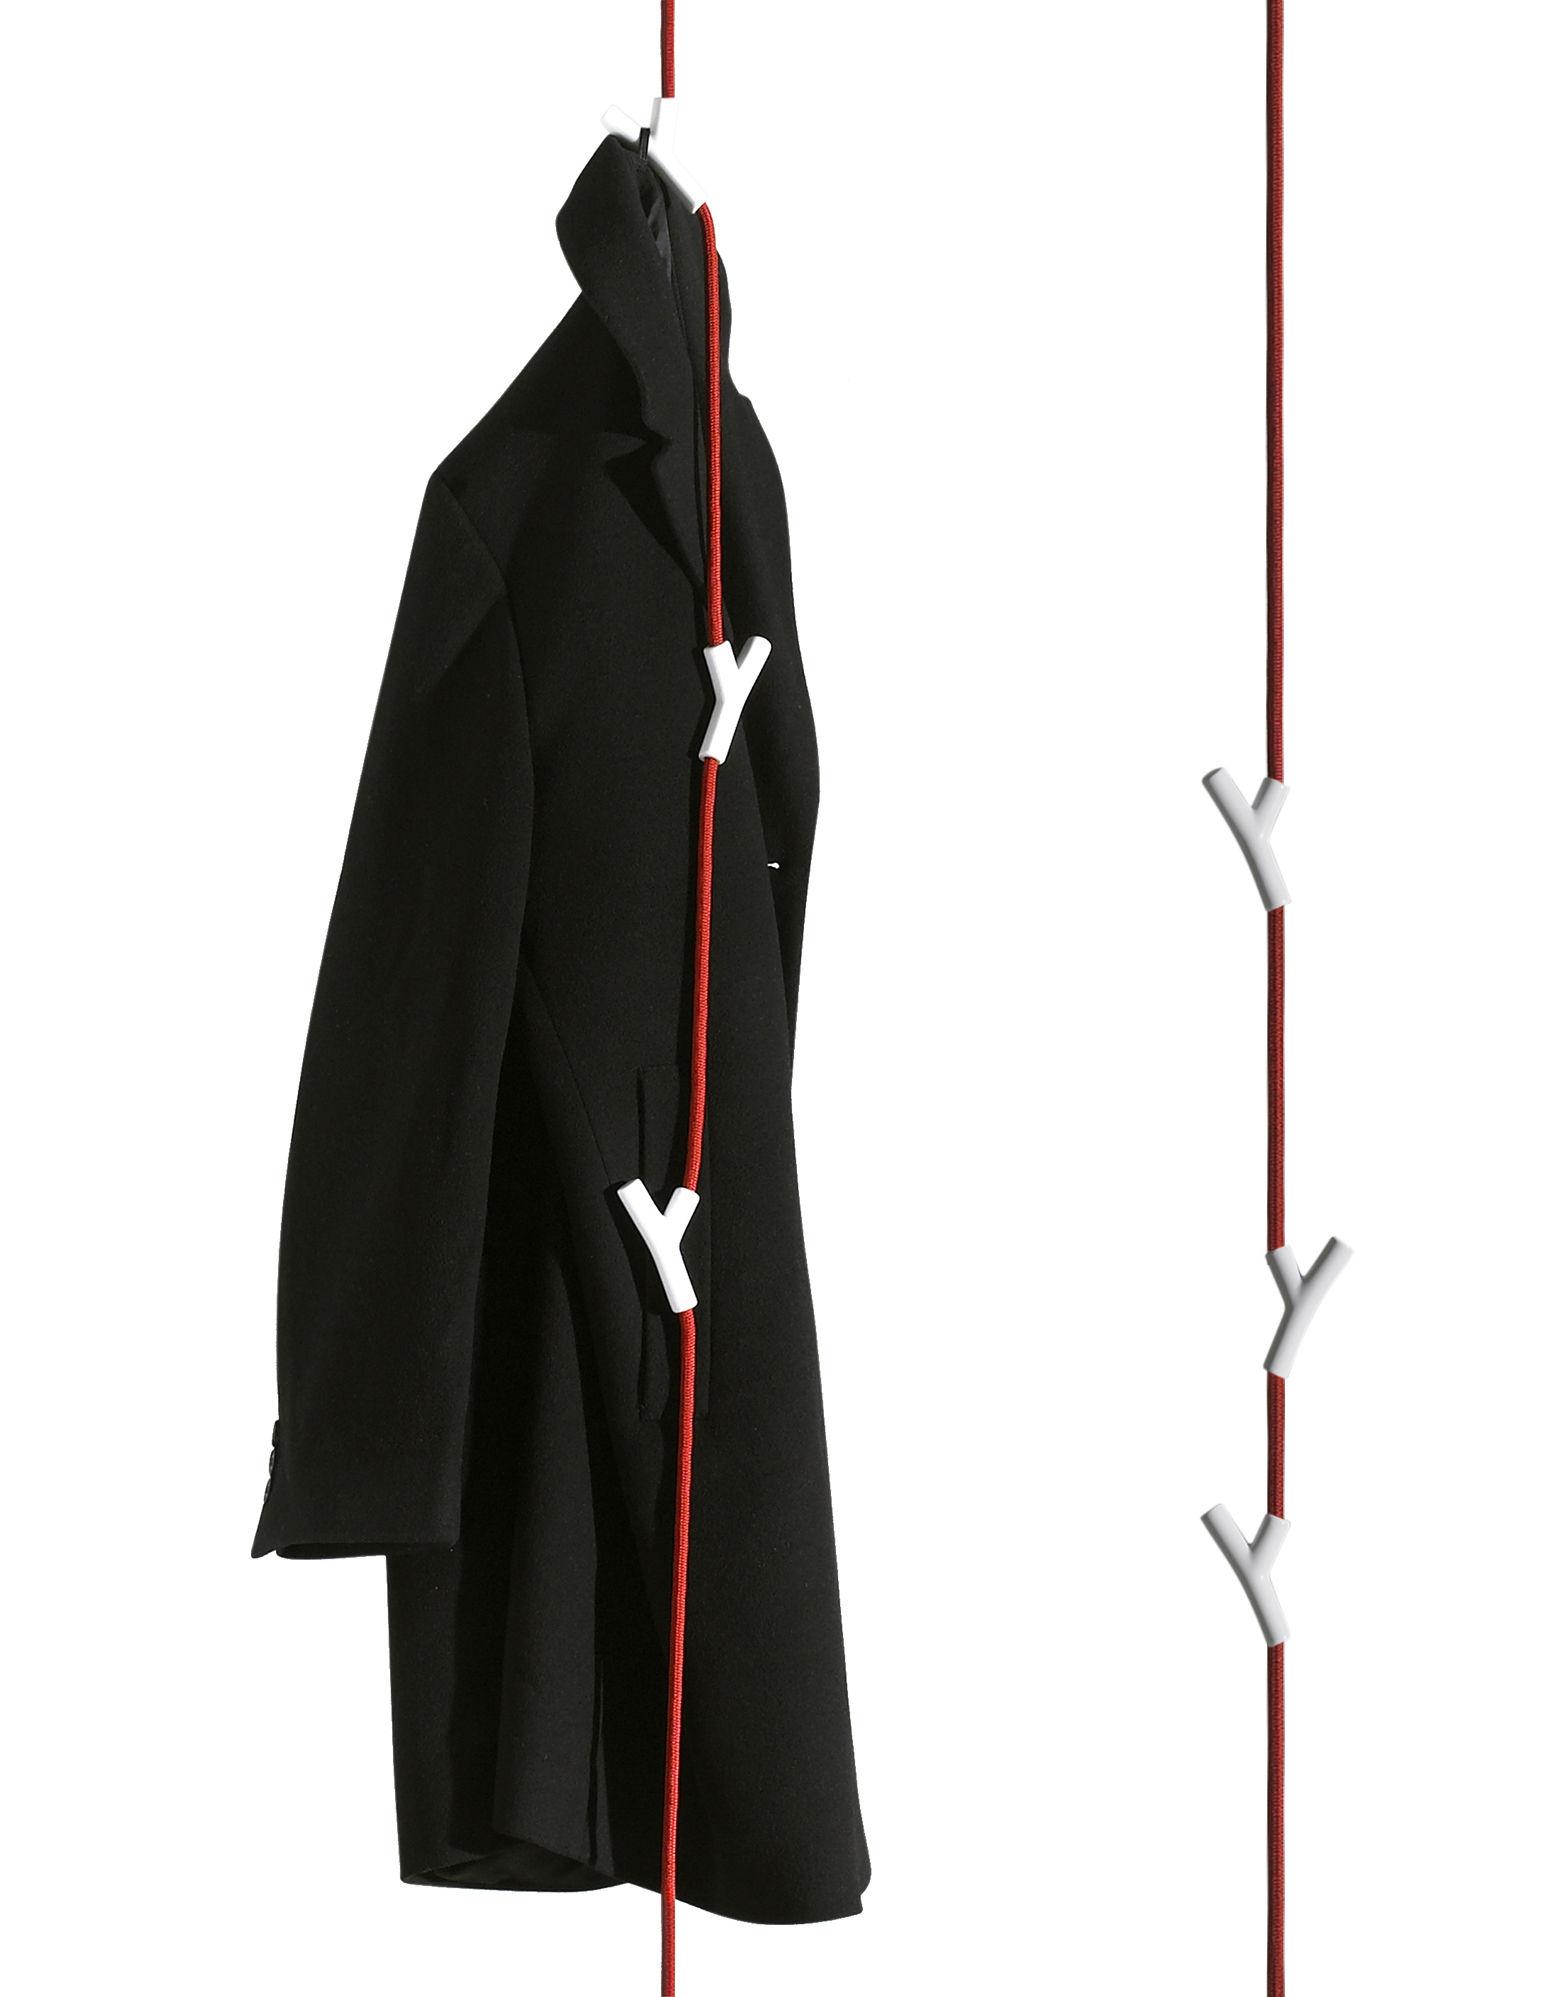 Arredamento - Appendiabiti  - Appendiabiti Wardrope - cavo con 4 ganci di Authentics - Cavo rosso / Ganci bianchi - Acciaio, Poliammide, Zinco